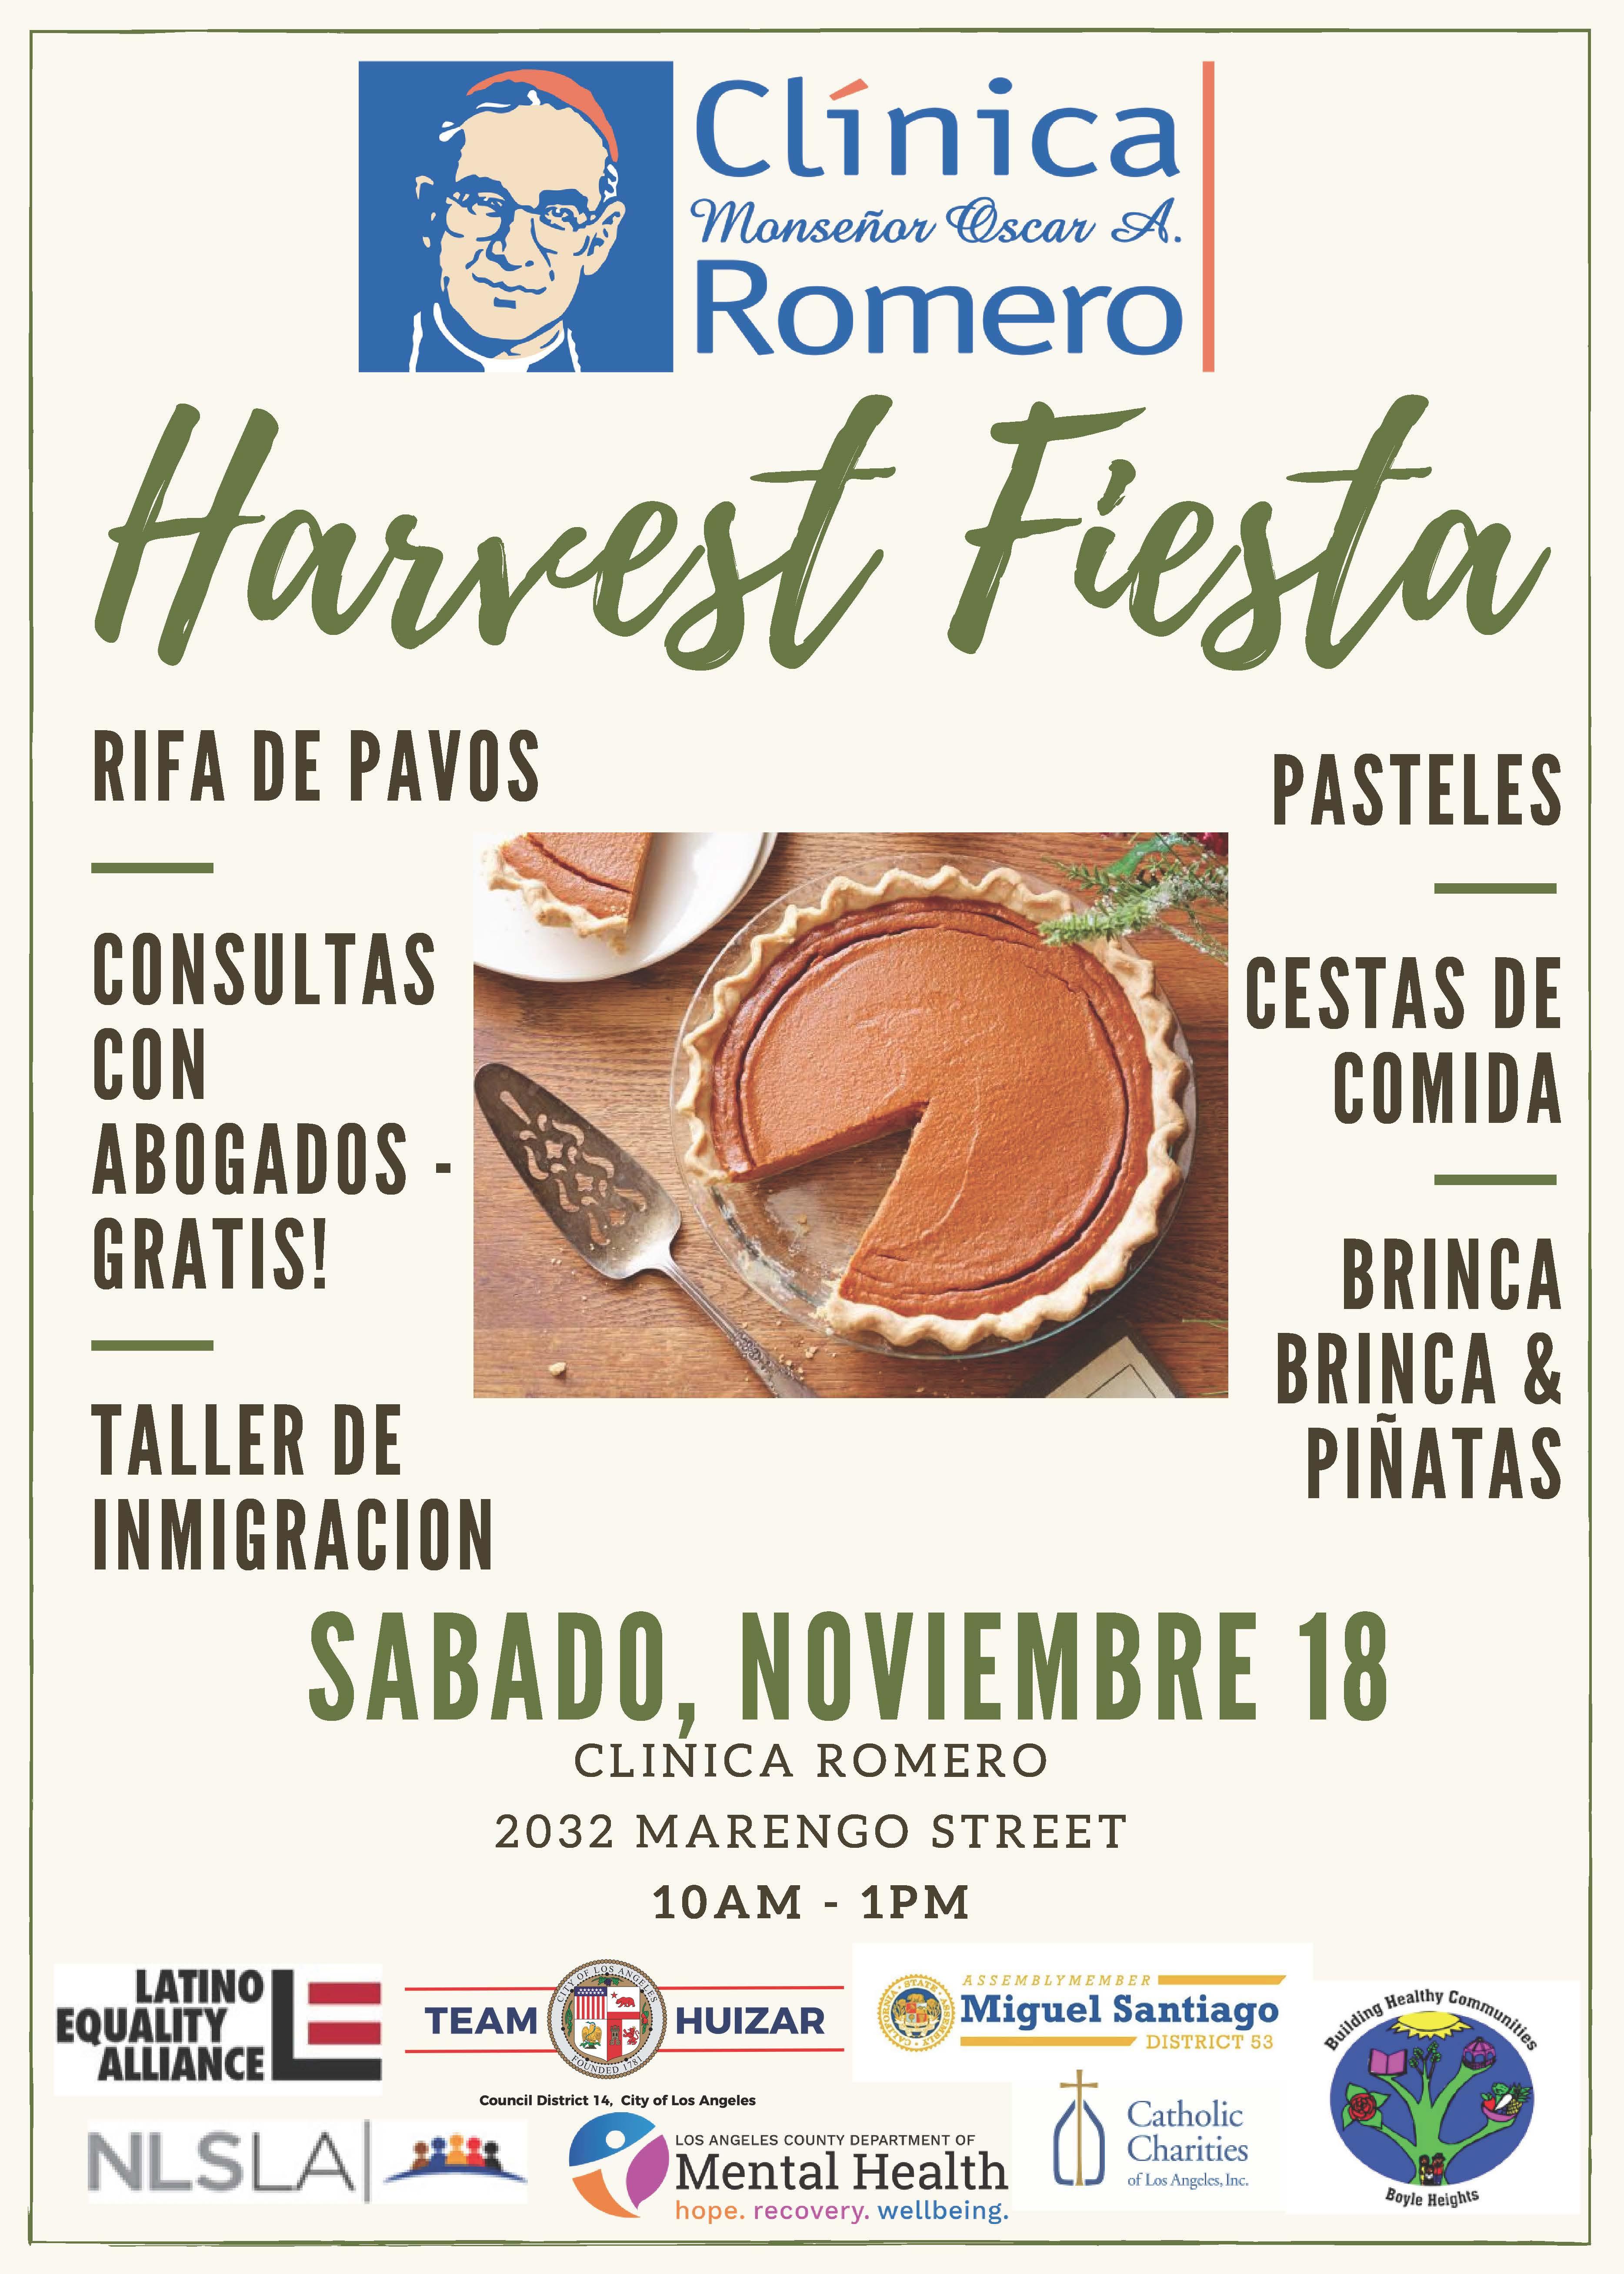 HarvestFiesta2017.jpg